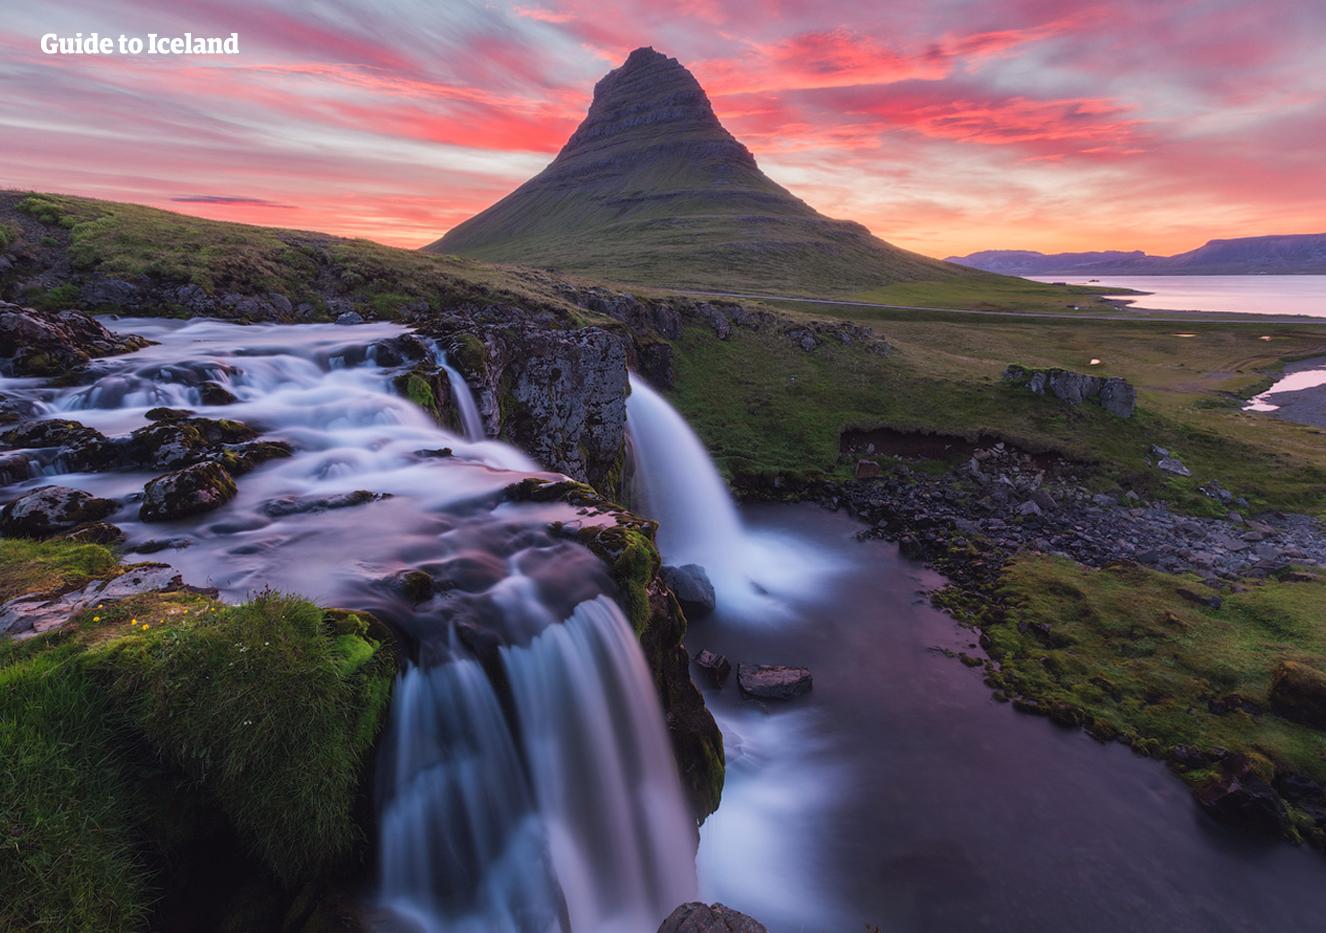 Umrunde auf deiner 6-tägigen Mietwagenreise im Sommer die Halbinsel Snaefellsnes und lass dich von dem majestätischen Berg Kirkjufell in den Bann schlagen.